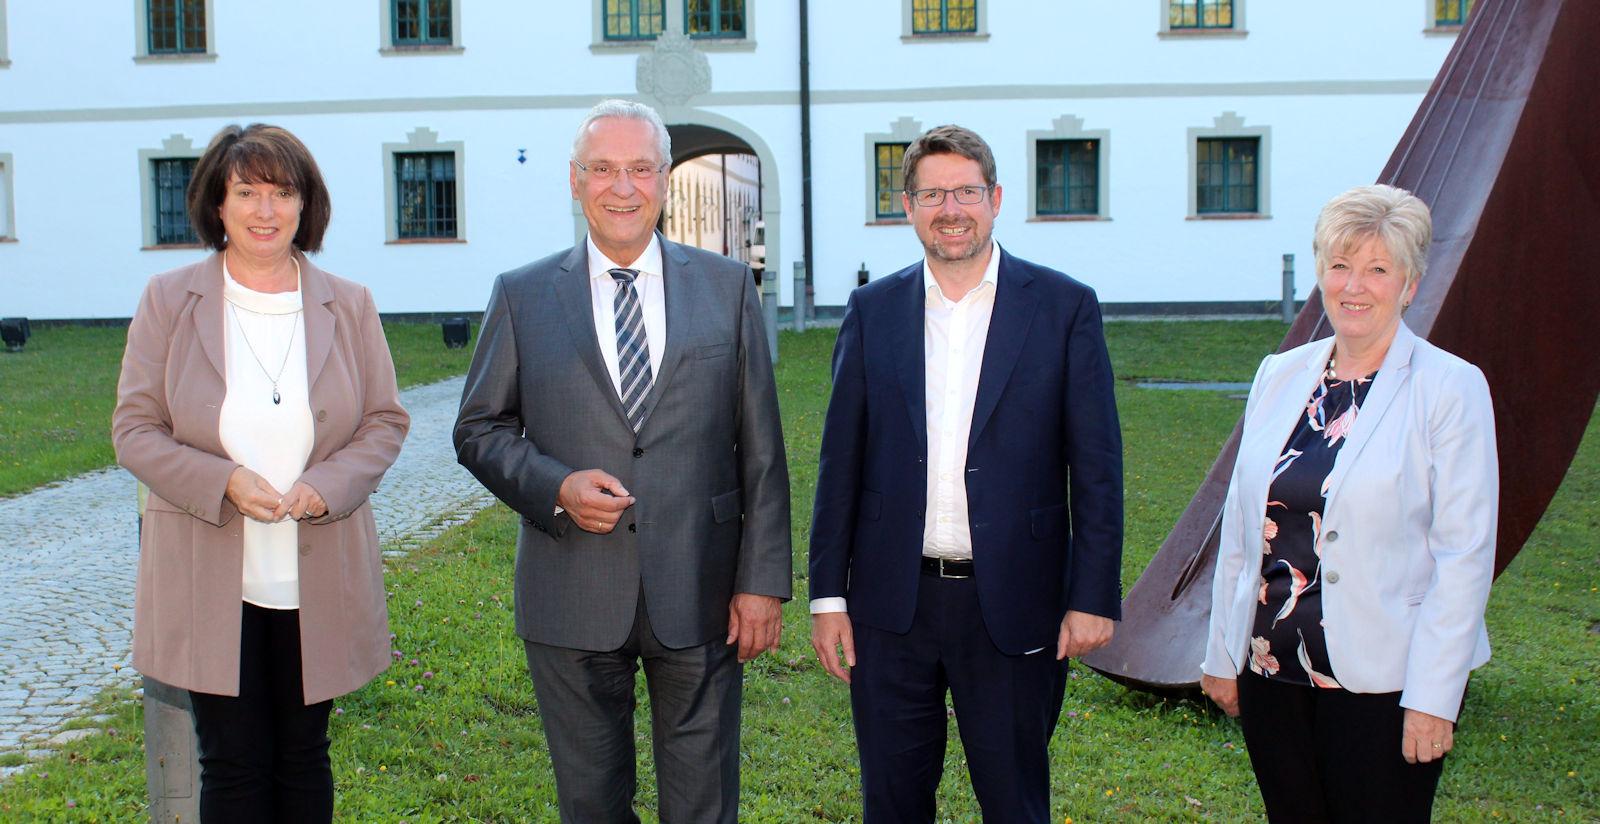 Gemeinsam mit Landrätin Maria Rita Zinnecker und der Landtagsabgeordneten Angelika Schorer konnte Stephan Stracke den Bayerischen Innenminister Joachim Herrmann in Marktoberdorf willkommen heißen.